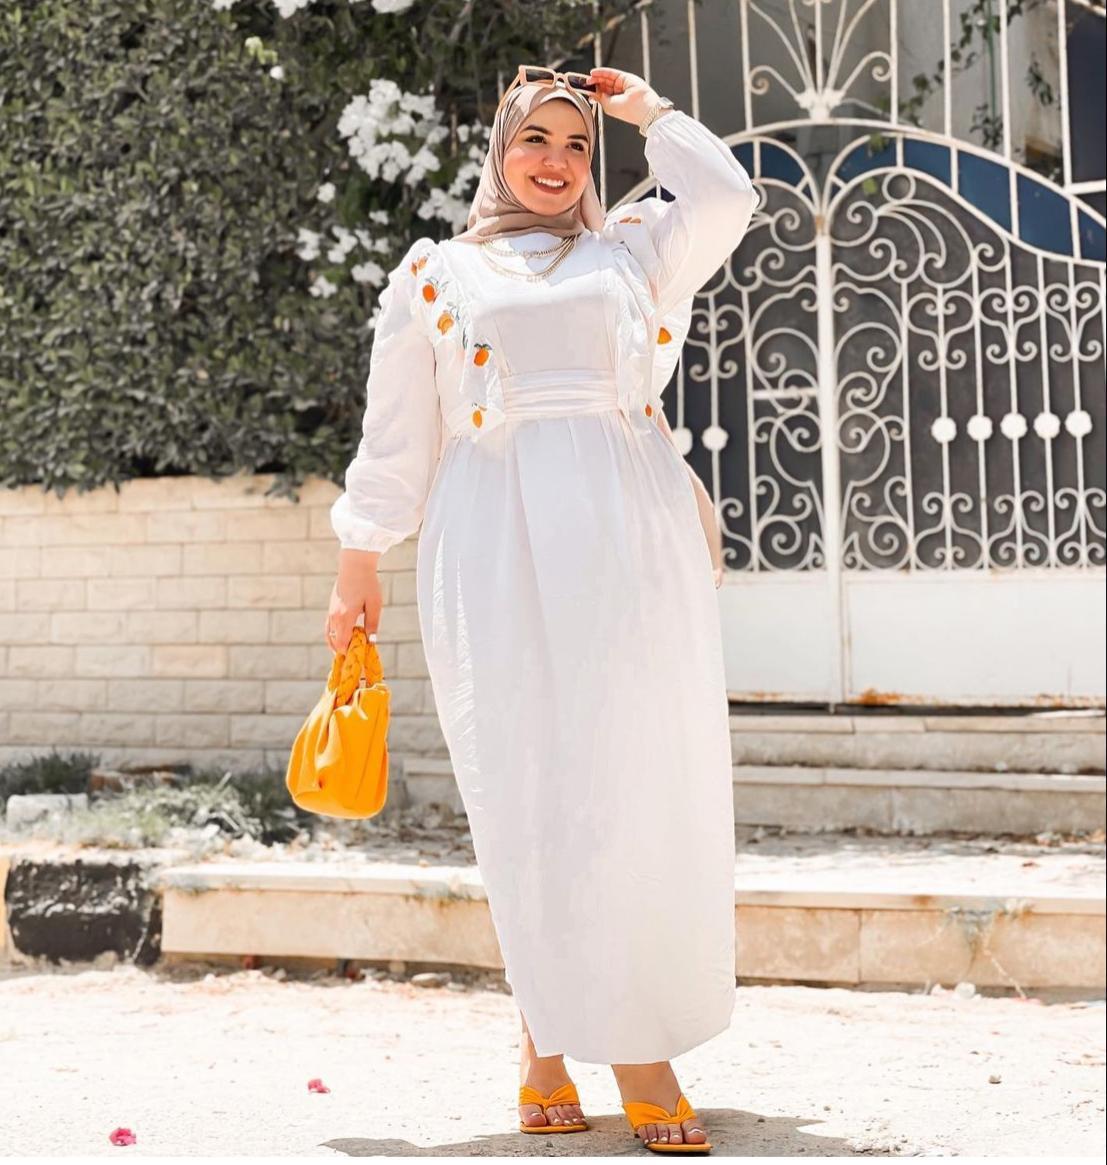 1 ياسمين وجدي بفستان صيفي -الصورة من حسابها على الانستغرام